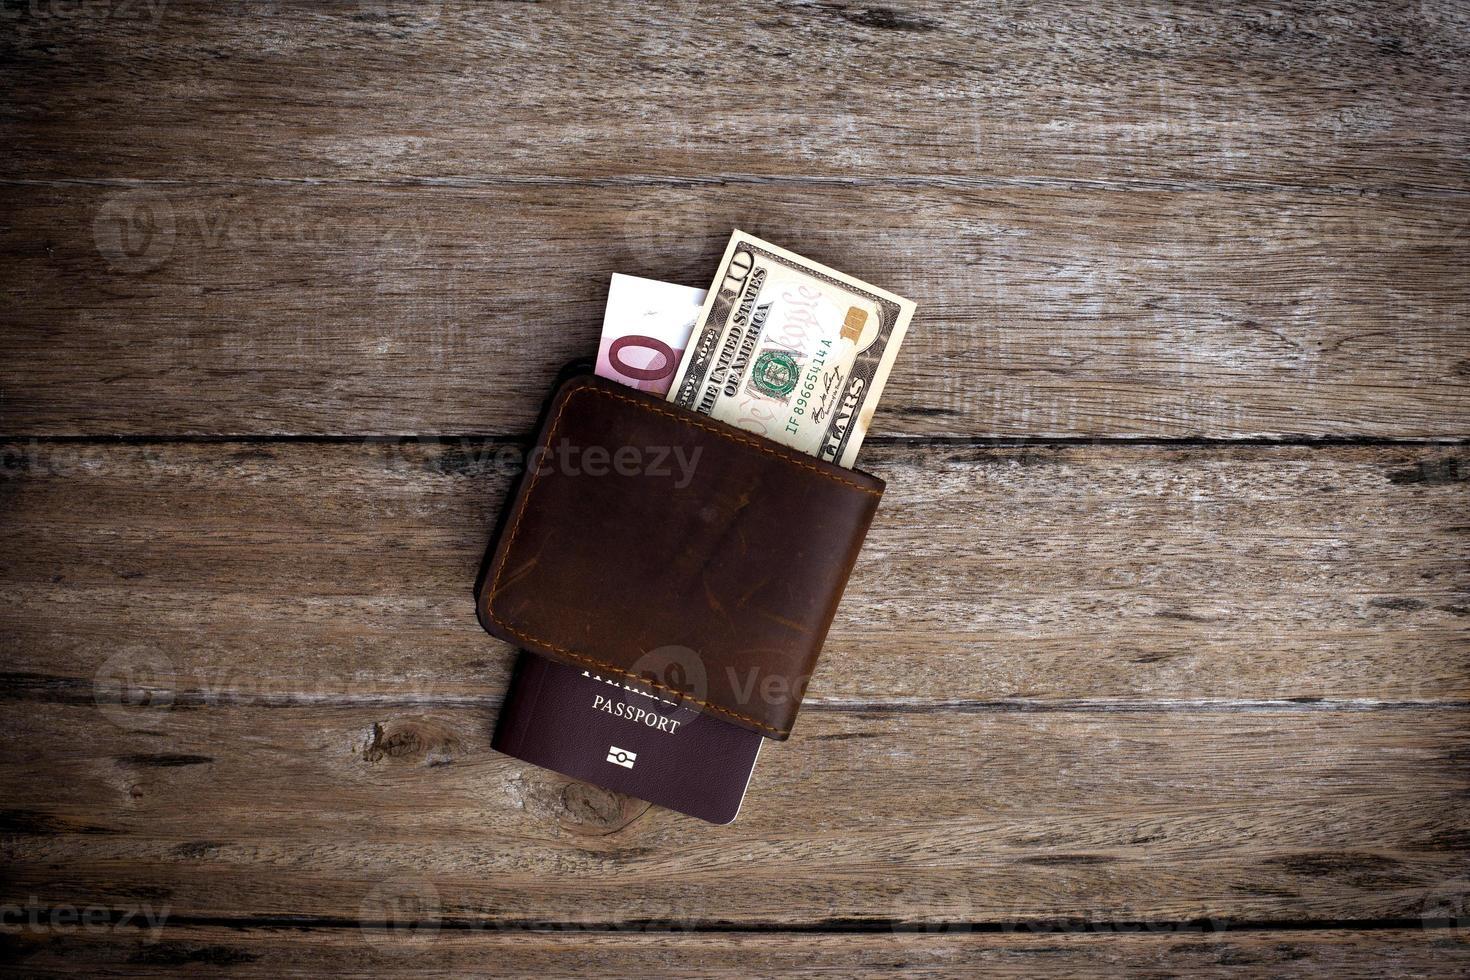 paspoort met een notitie op een houten tafel. foto